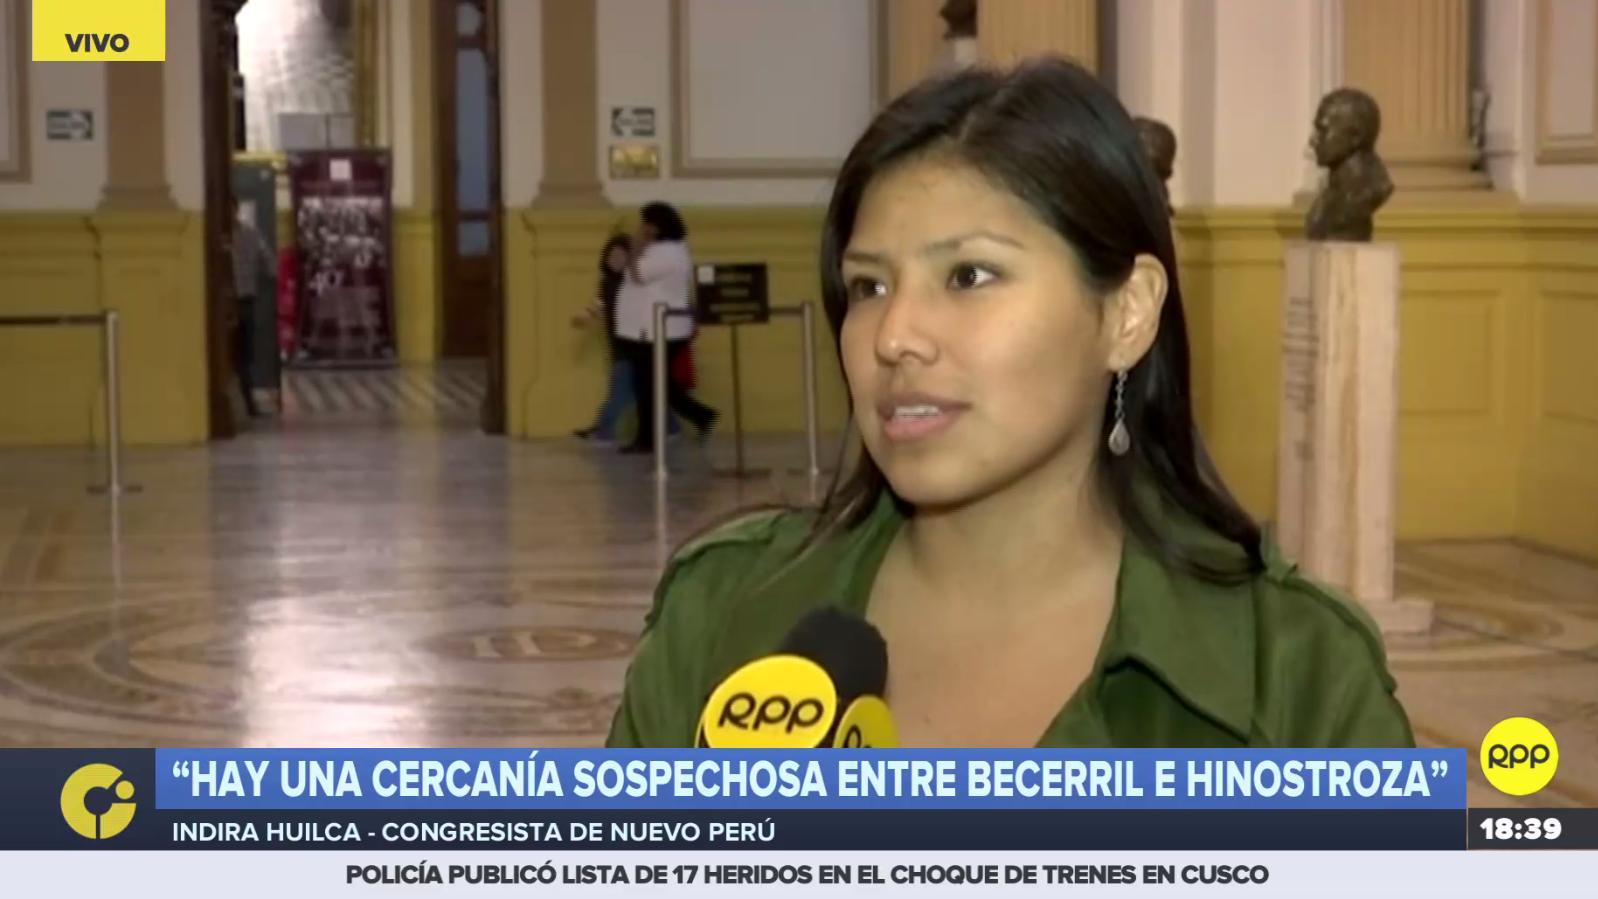 Para Indira Huilca, el lagislador de Fuerza Popular Héctor Becerril ha cometido posibles delitos.